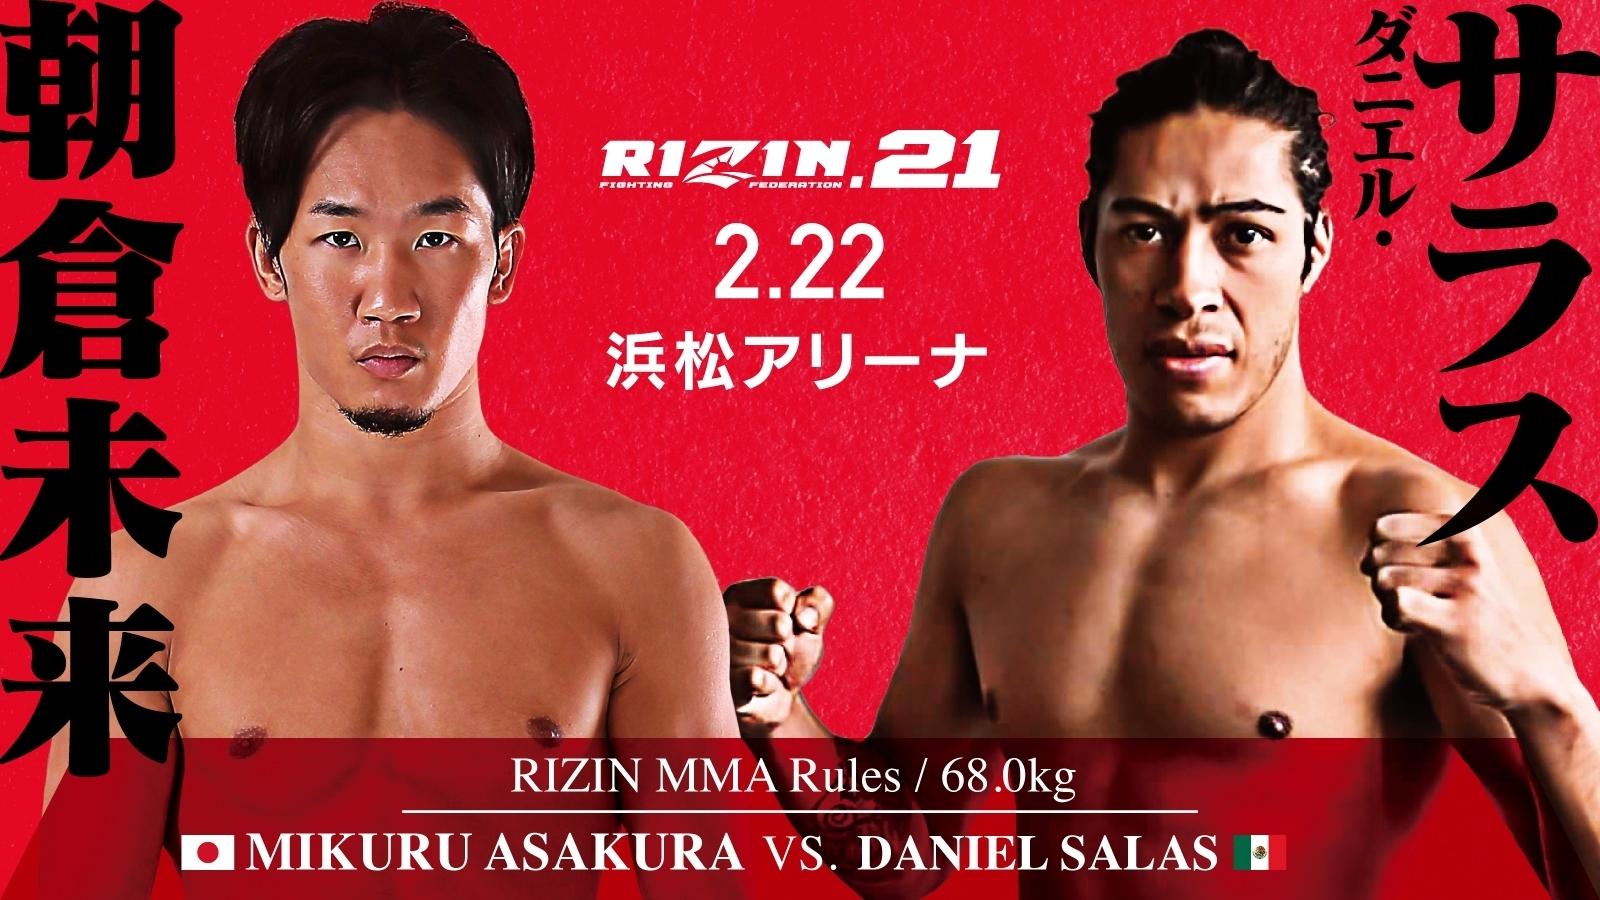 Asakura vs Salas